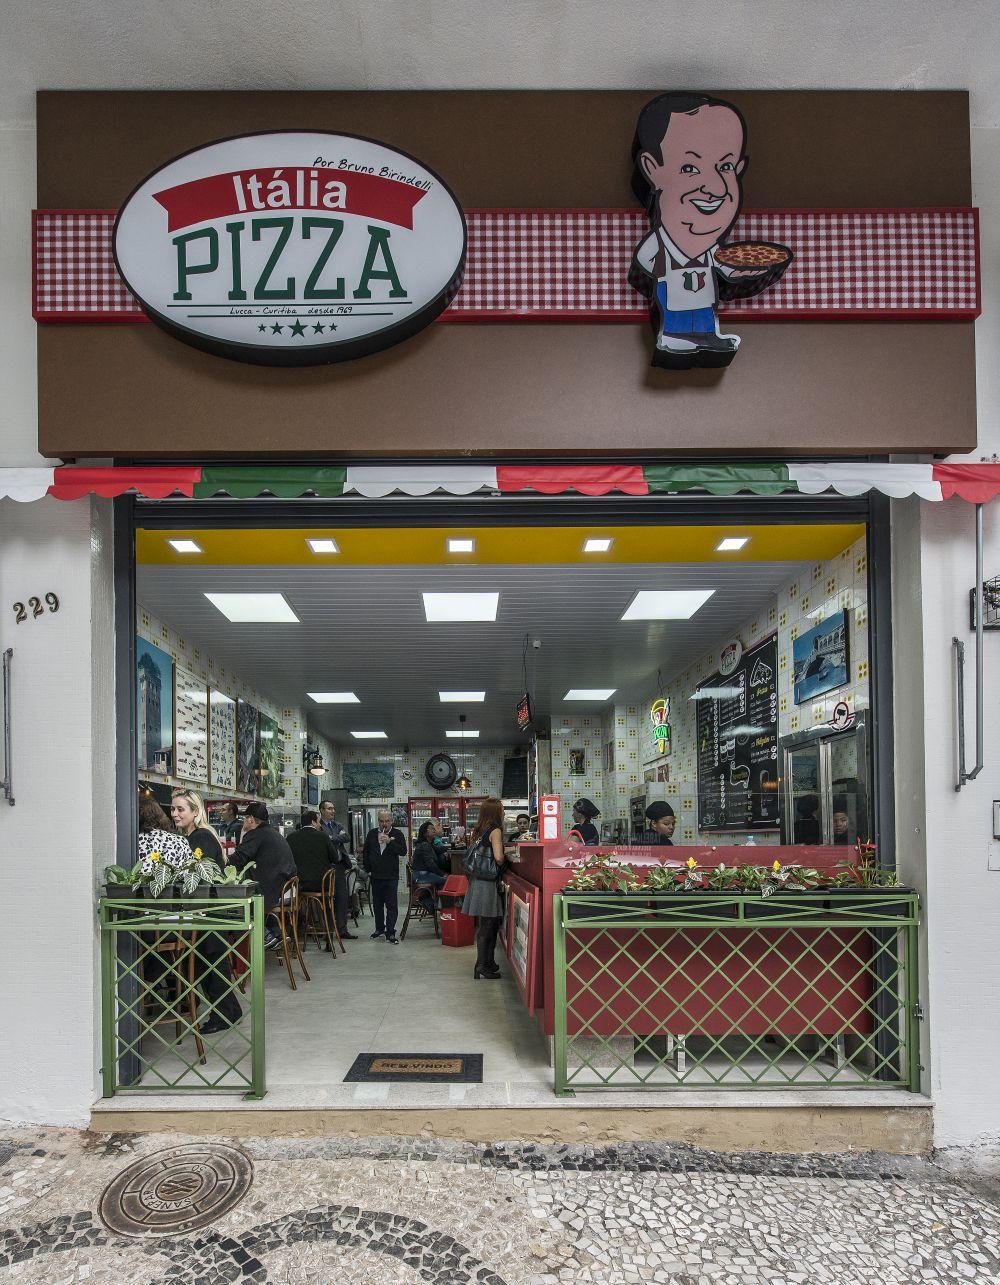 A nova fachada da Pizza Itália, então Lanches Itália, no centro de Curitiba. Foto: Letícia Akemi / Gazeta do Povo